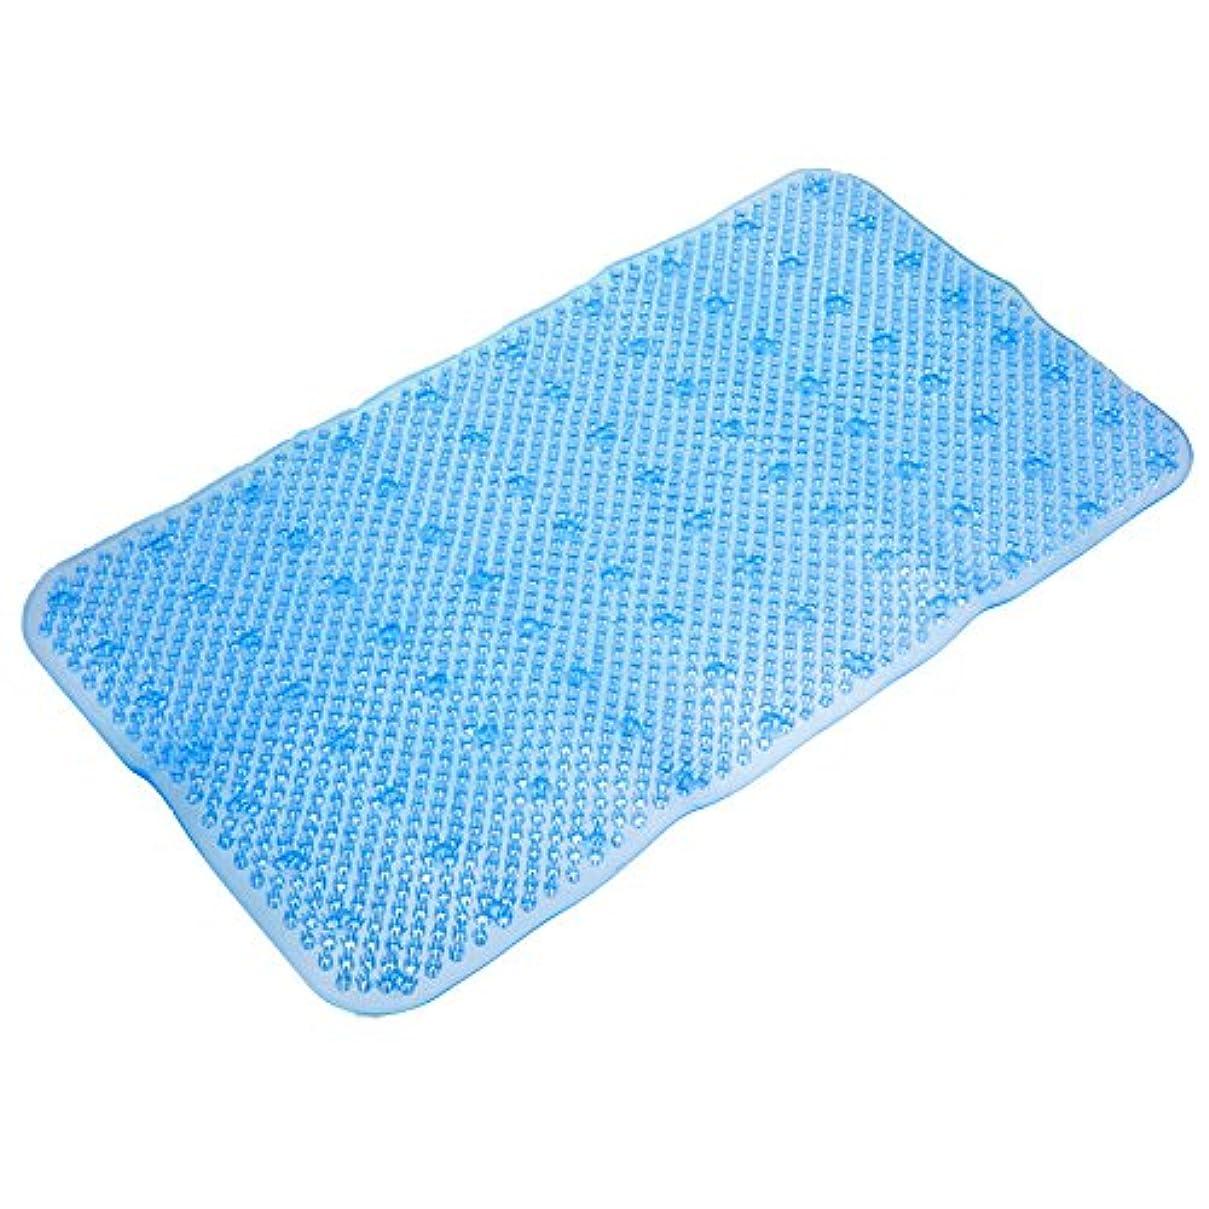 ピアノチョップラウズ便利な pvc 34 × 64 センチ非スリップ風呂浴室シャワー トイレ アンチスリップフロアマット吸引吸盤パッド足マッサージ の敷物5色-青い